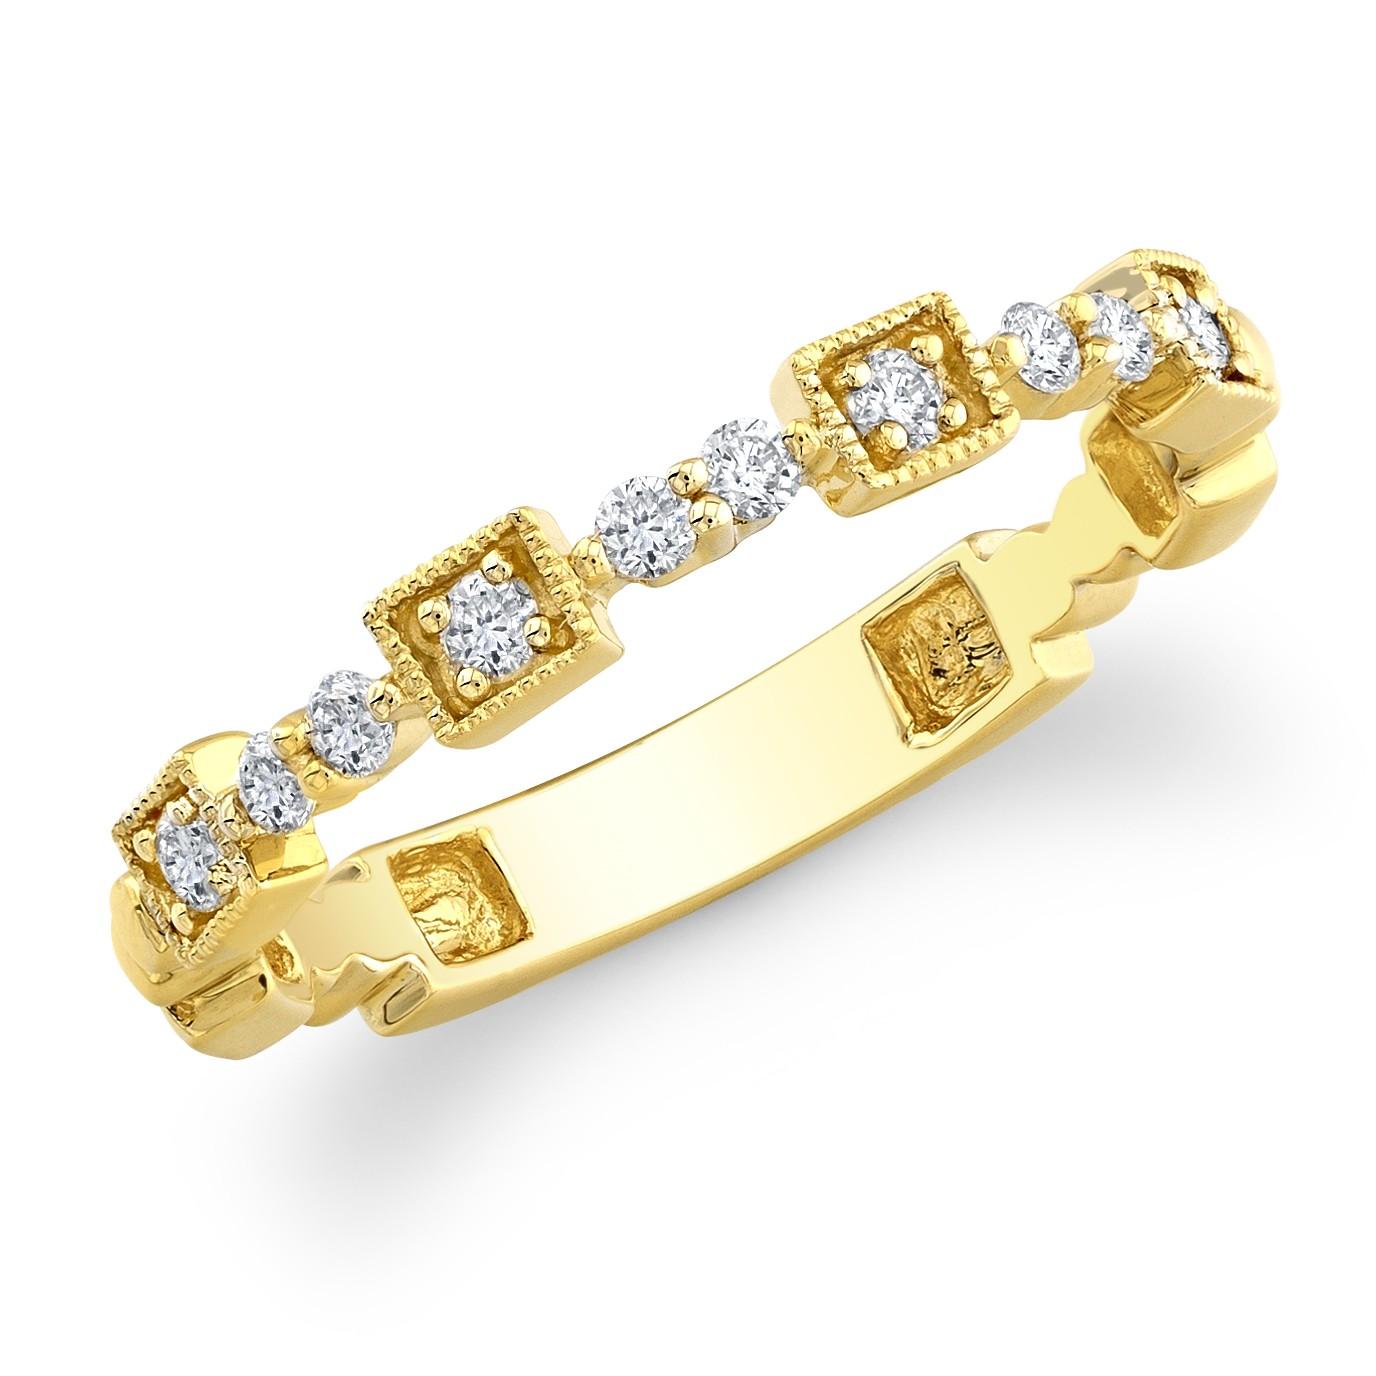 14kt yellow diamond wedding ring stacking stackable wedding bands 14kt Yellow Diamond Wedding Ring Stacking